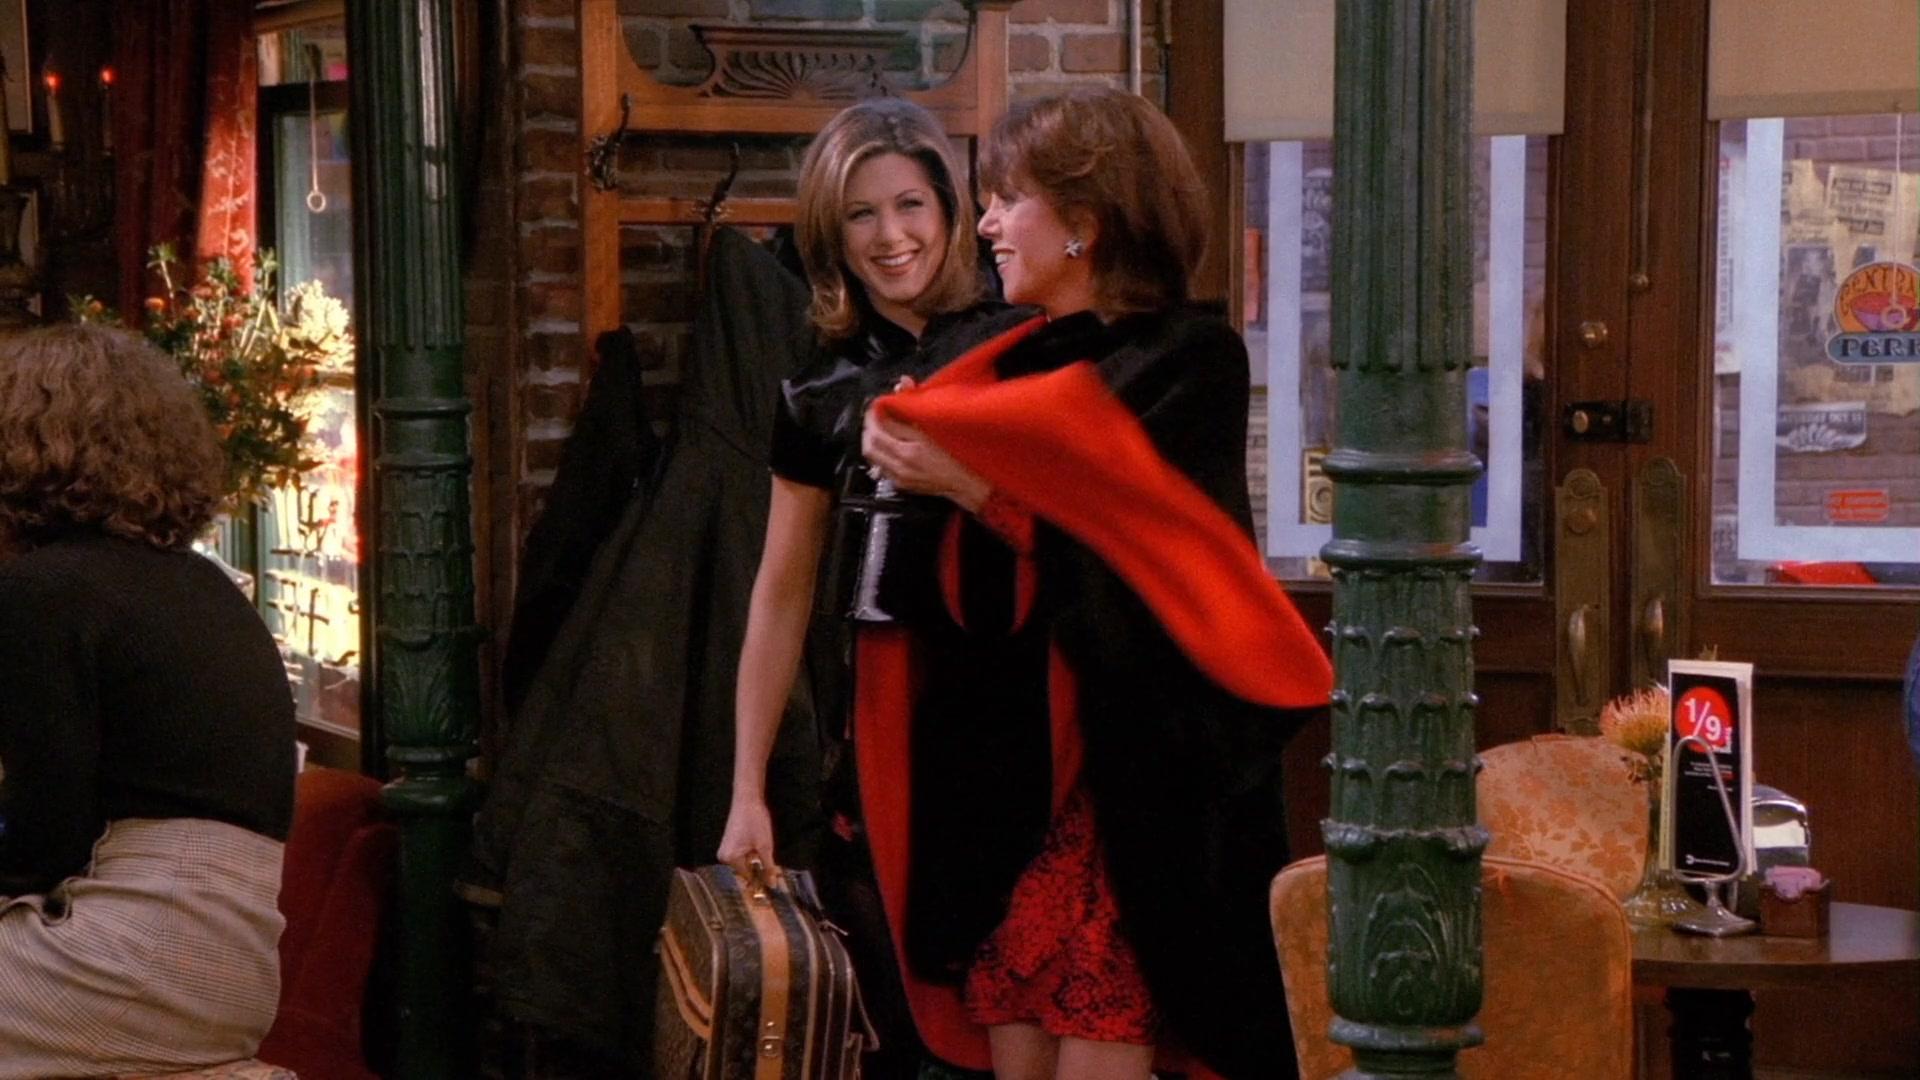 Louis Vuitton Bag Held by Jennifer Aniston (Rachel Green) in